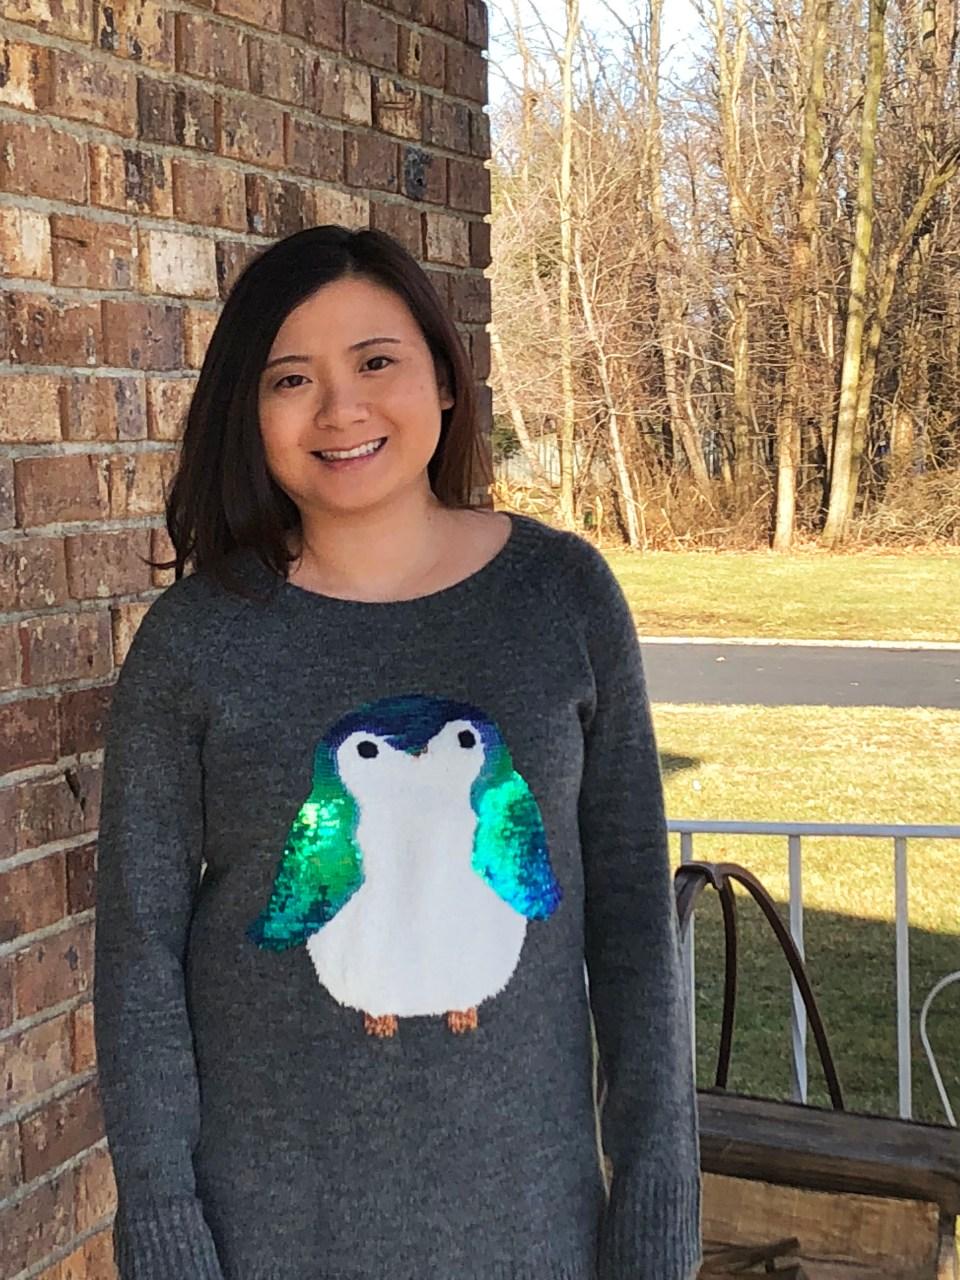 Sequin Penguin Sweater 5